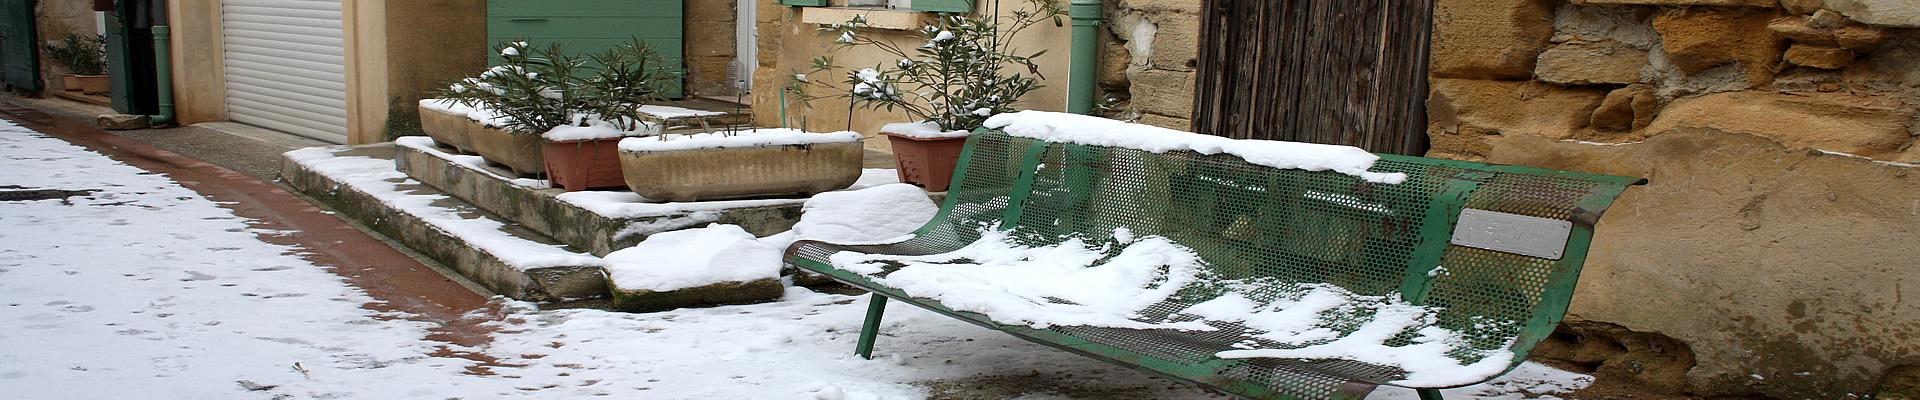 banc-neige_IMG_3601